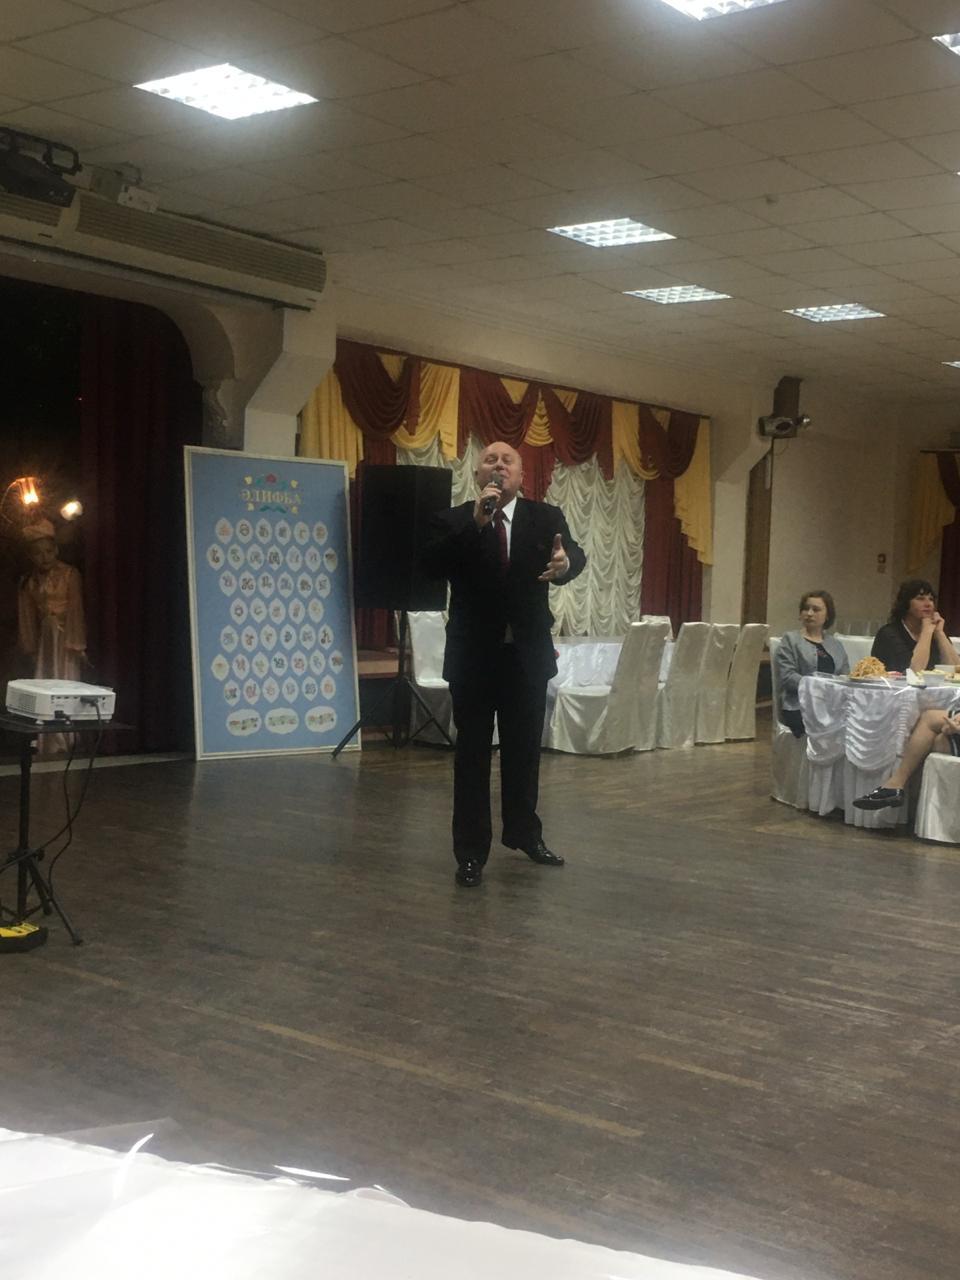 Центр народной культуры принял участие в мероприятии,  приуроченном к юбилею музея «История культуры Астраханских татар»